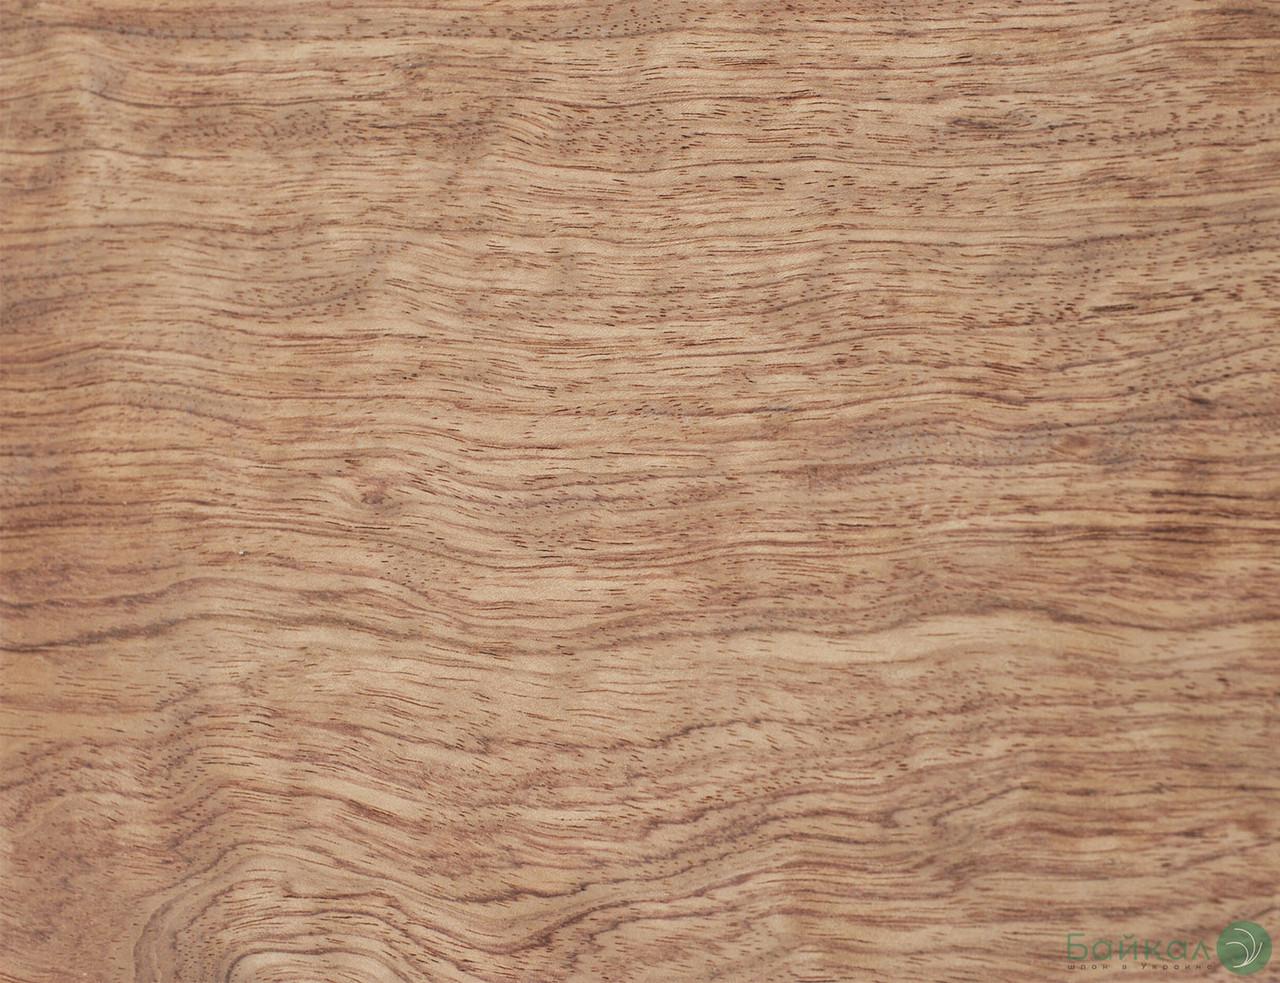 Шпон строганный Бубинга Кевазинго Logs - 0,55 мм 2,10-2,55 м/10 см+